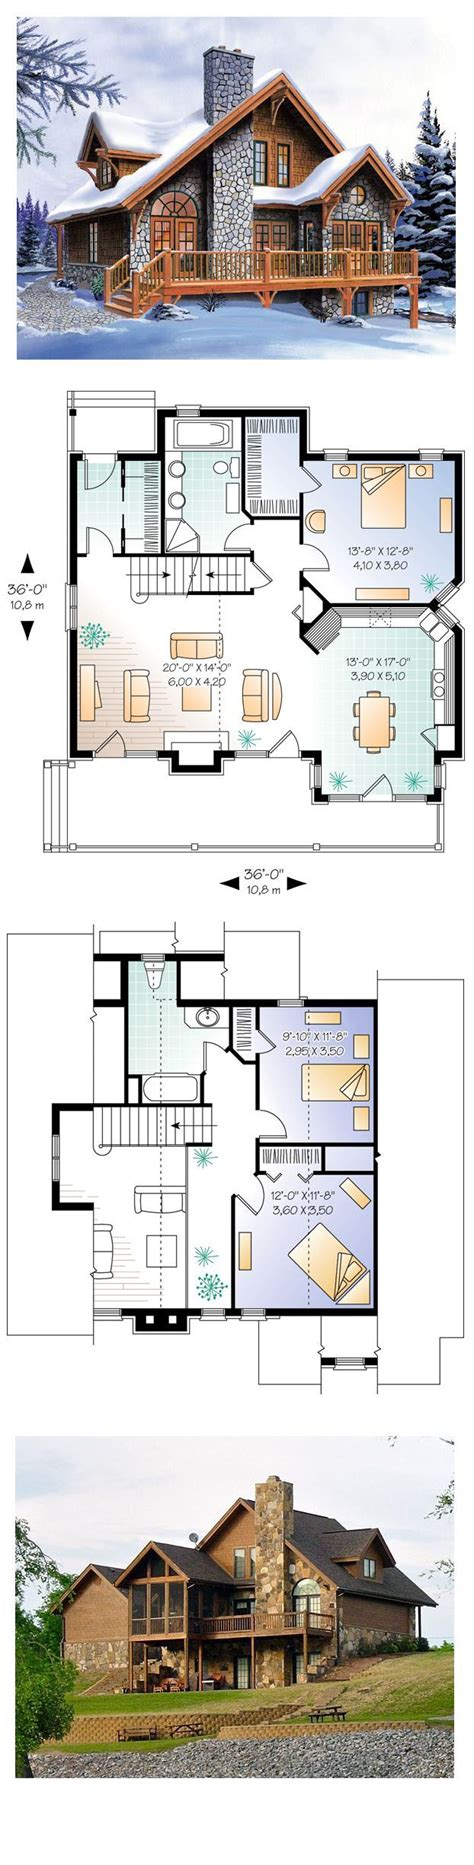 hillside floor plans hillside house plan 65246 total living area 1625 sq ft